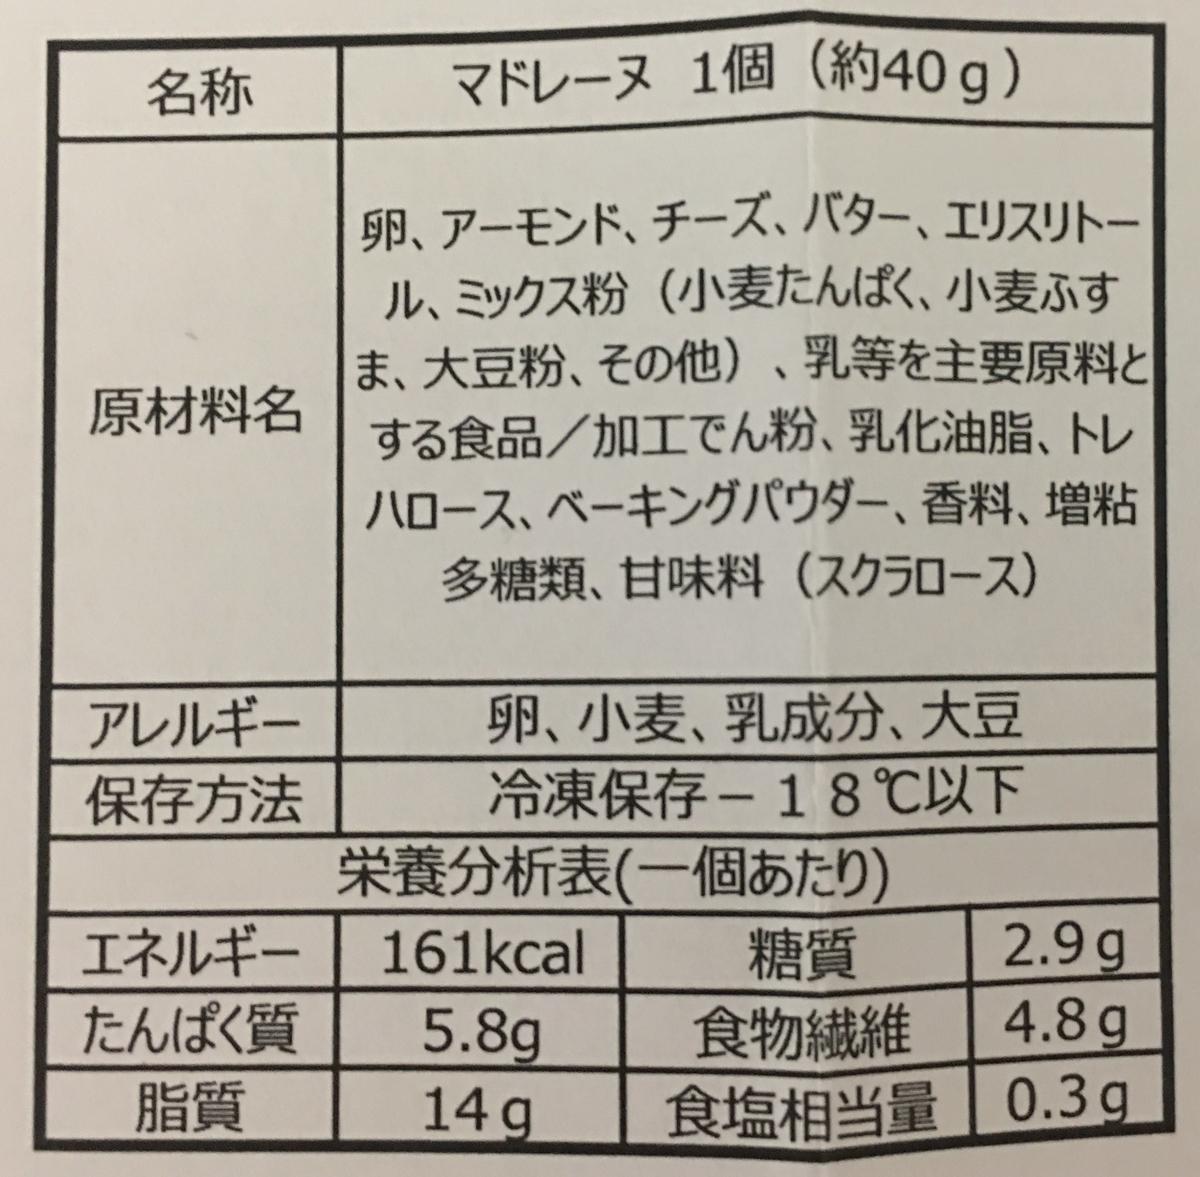 f:id:YOSHIO1010:20201228020435j:plain